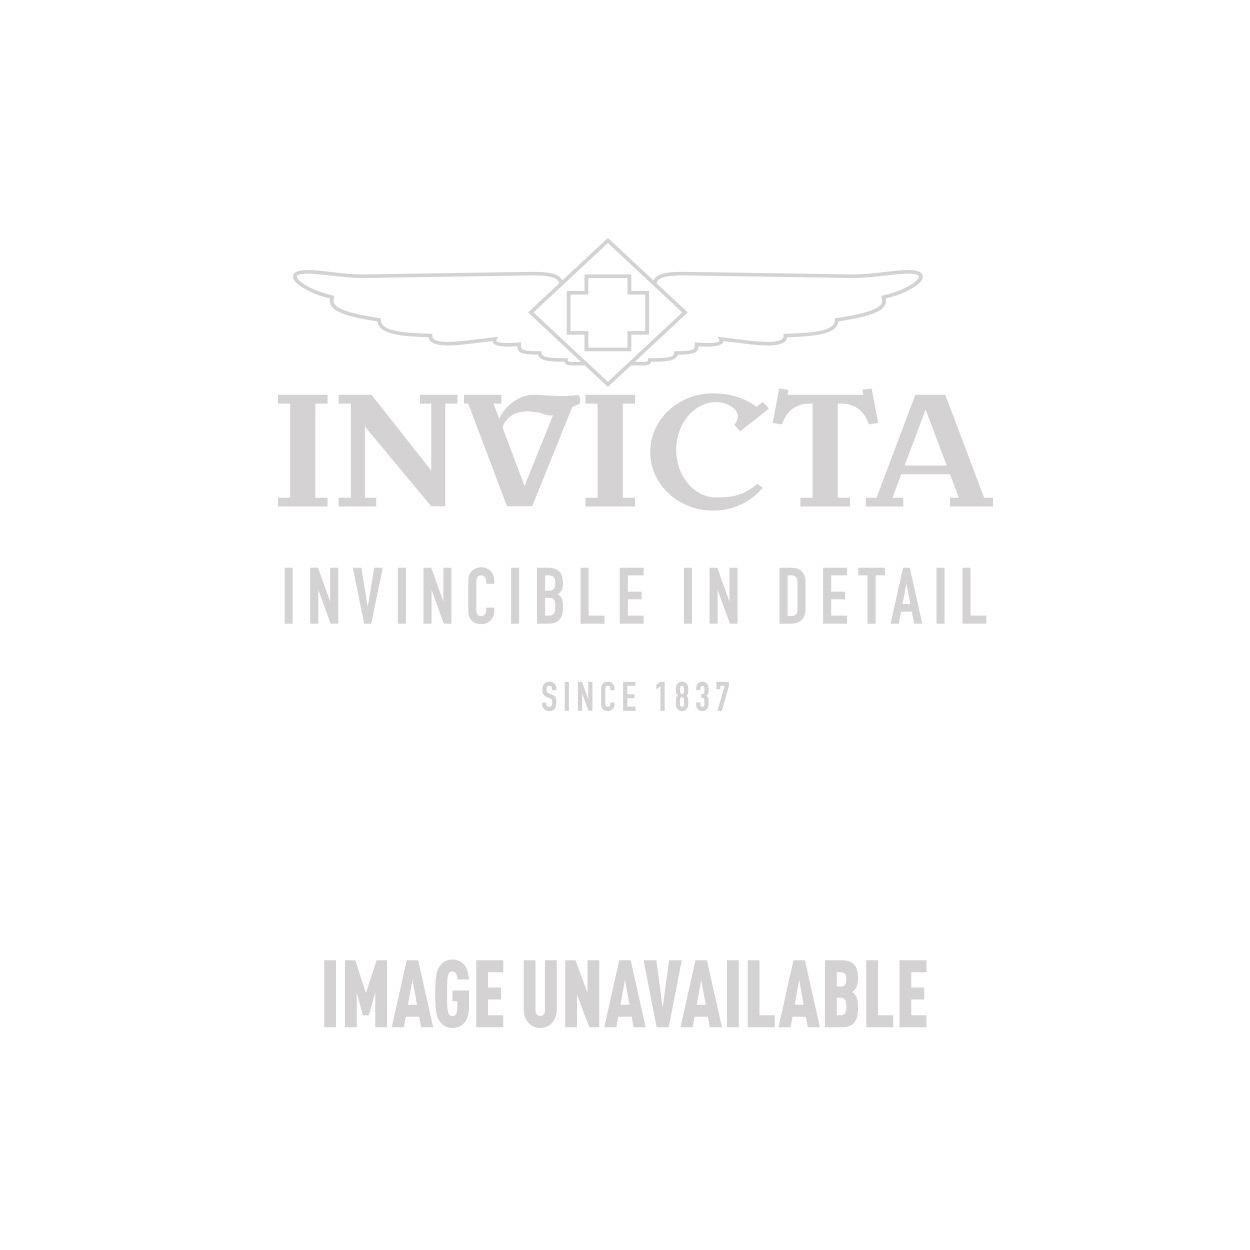 Invicta Model 29928